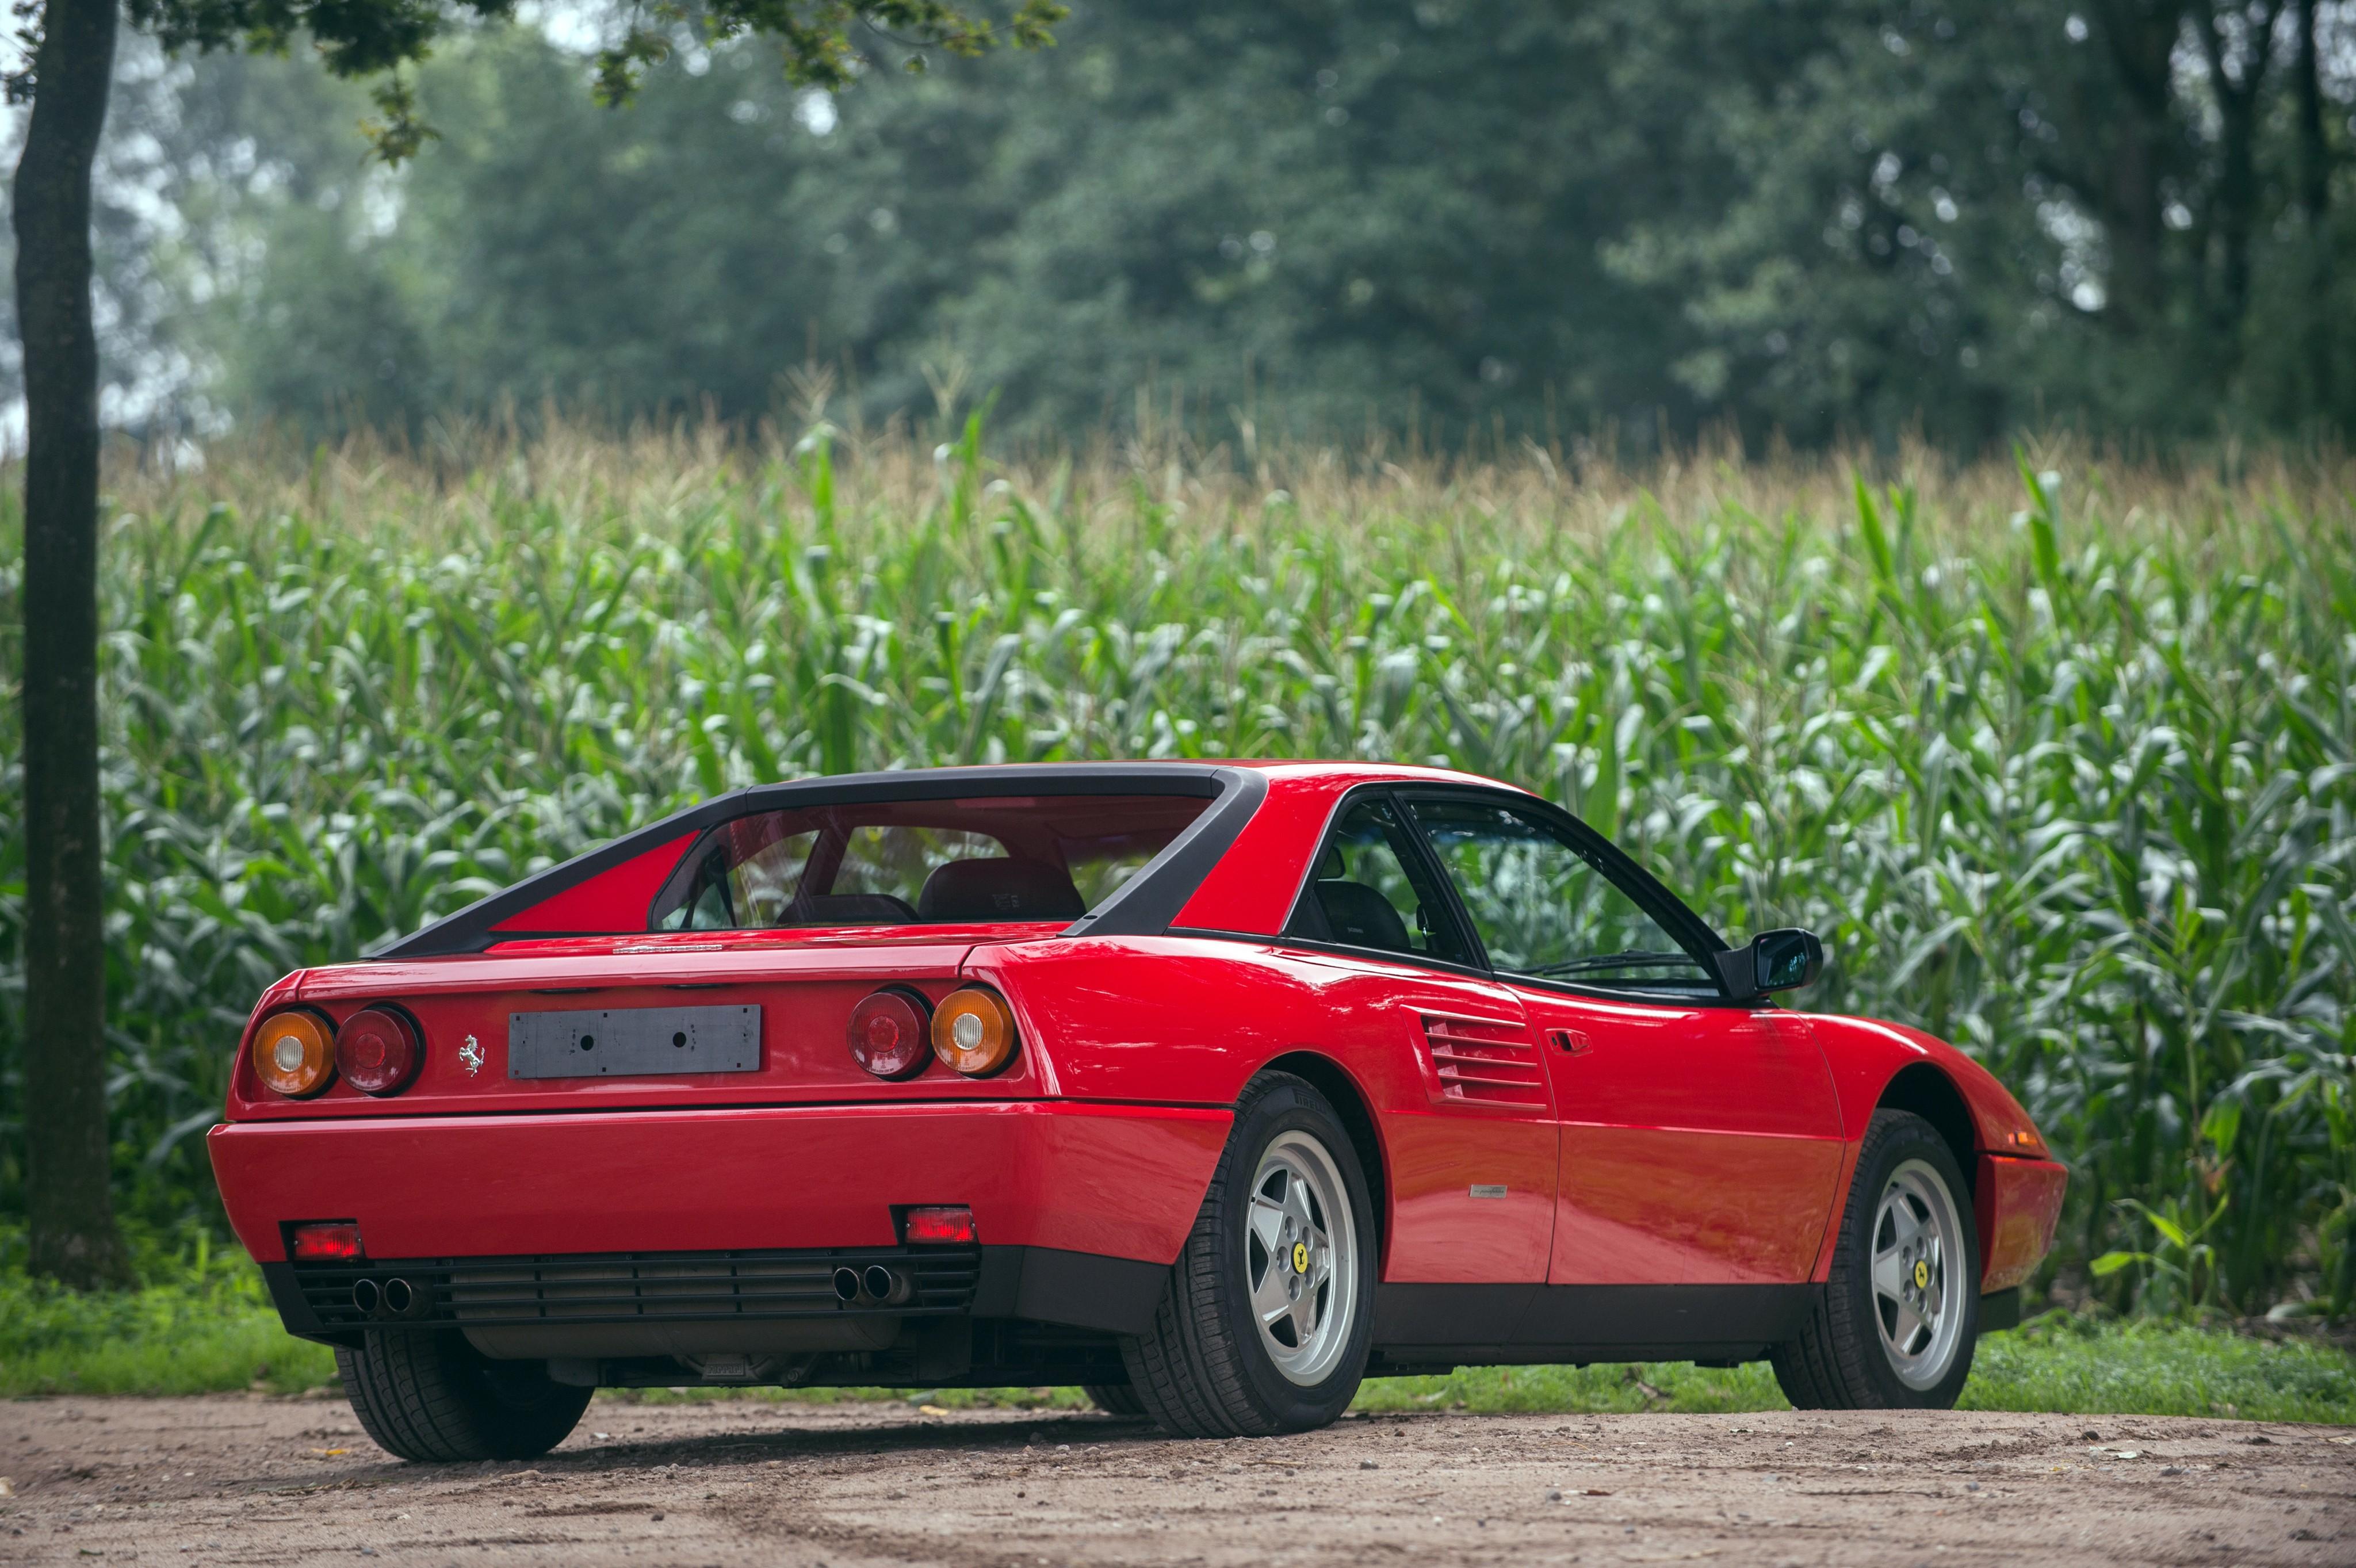 FERRARI-Mondial-t-5512_12 Terrific Ferrari Mondial Le Bon Coin Cars Trend